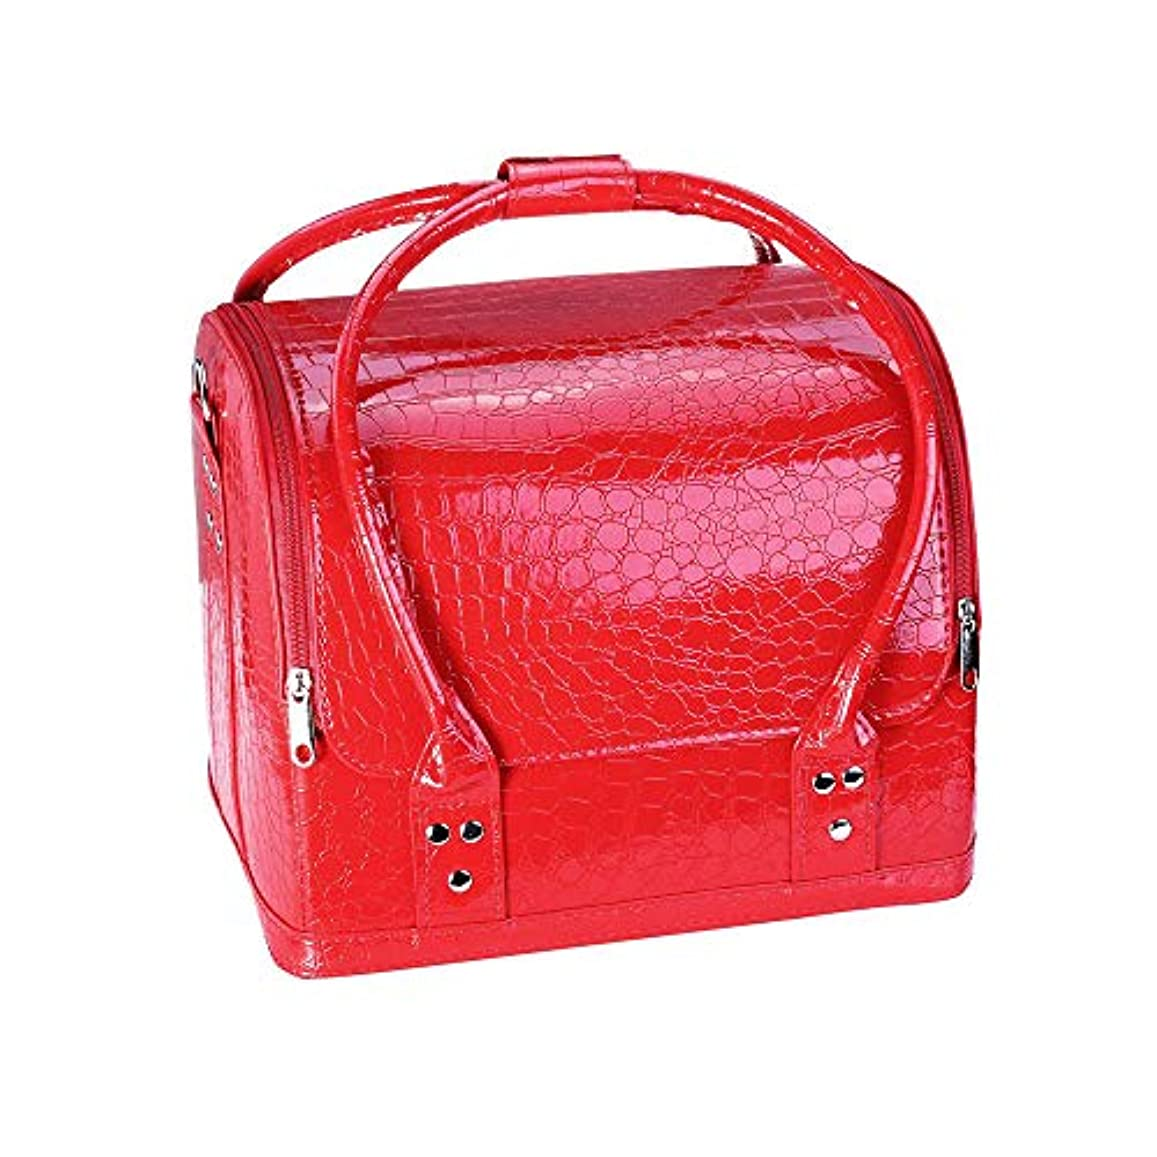 脳縫い目項目化粧オーガナイザーバッグ プロフェッショナルビューティーメイクアップケースネイル化粧箱ビニールケースオーガナイザークロコダイルパターン 化粧品ケース (色 : 赤)